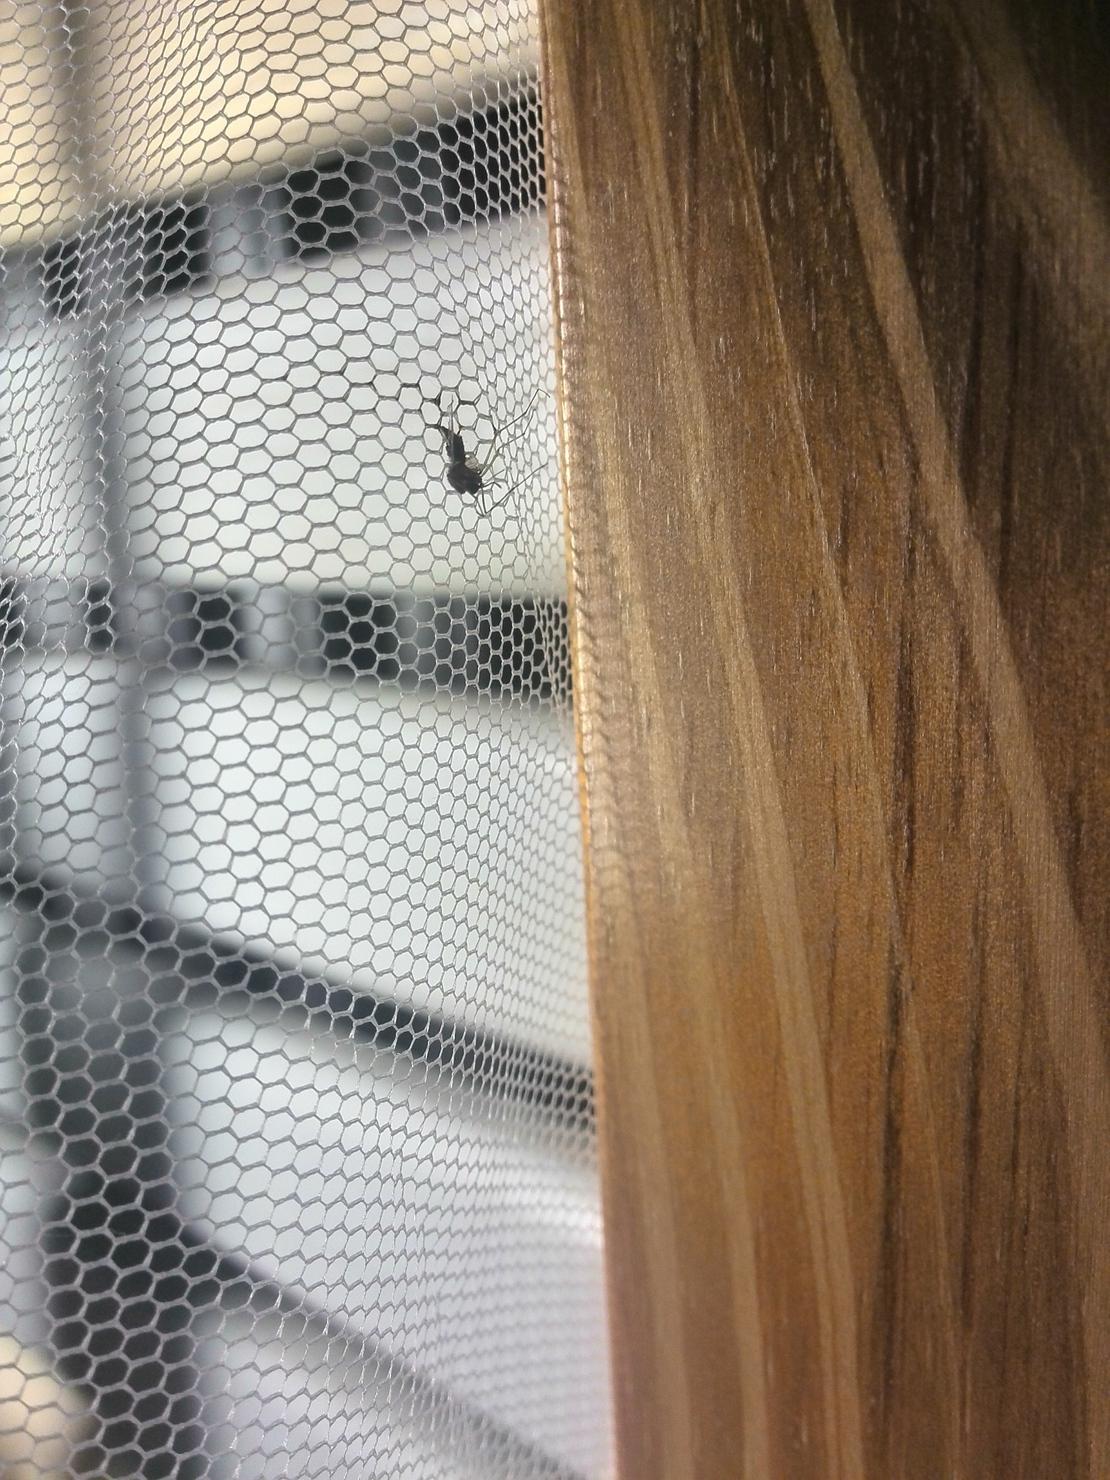 这只蚊子在我蚊帐上挤死了…我不知道该说什么好了…